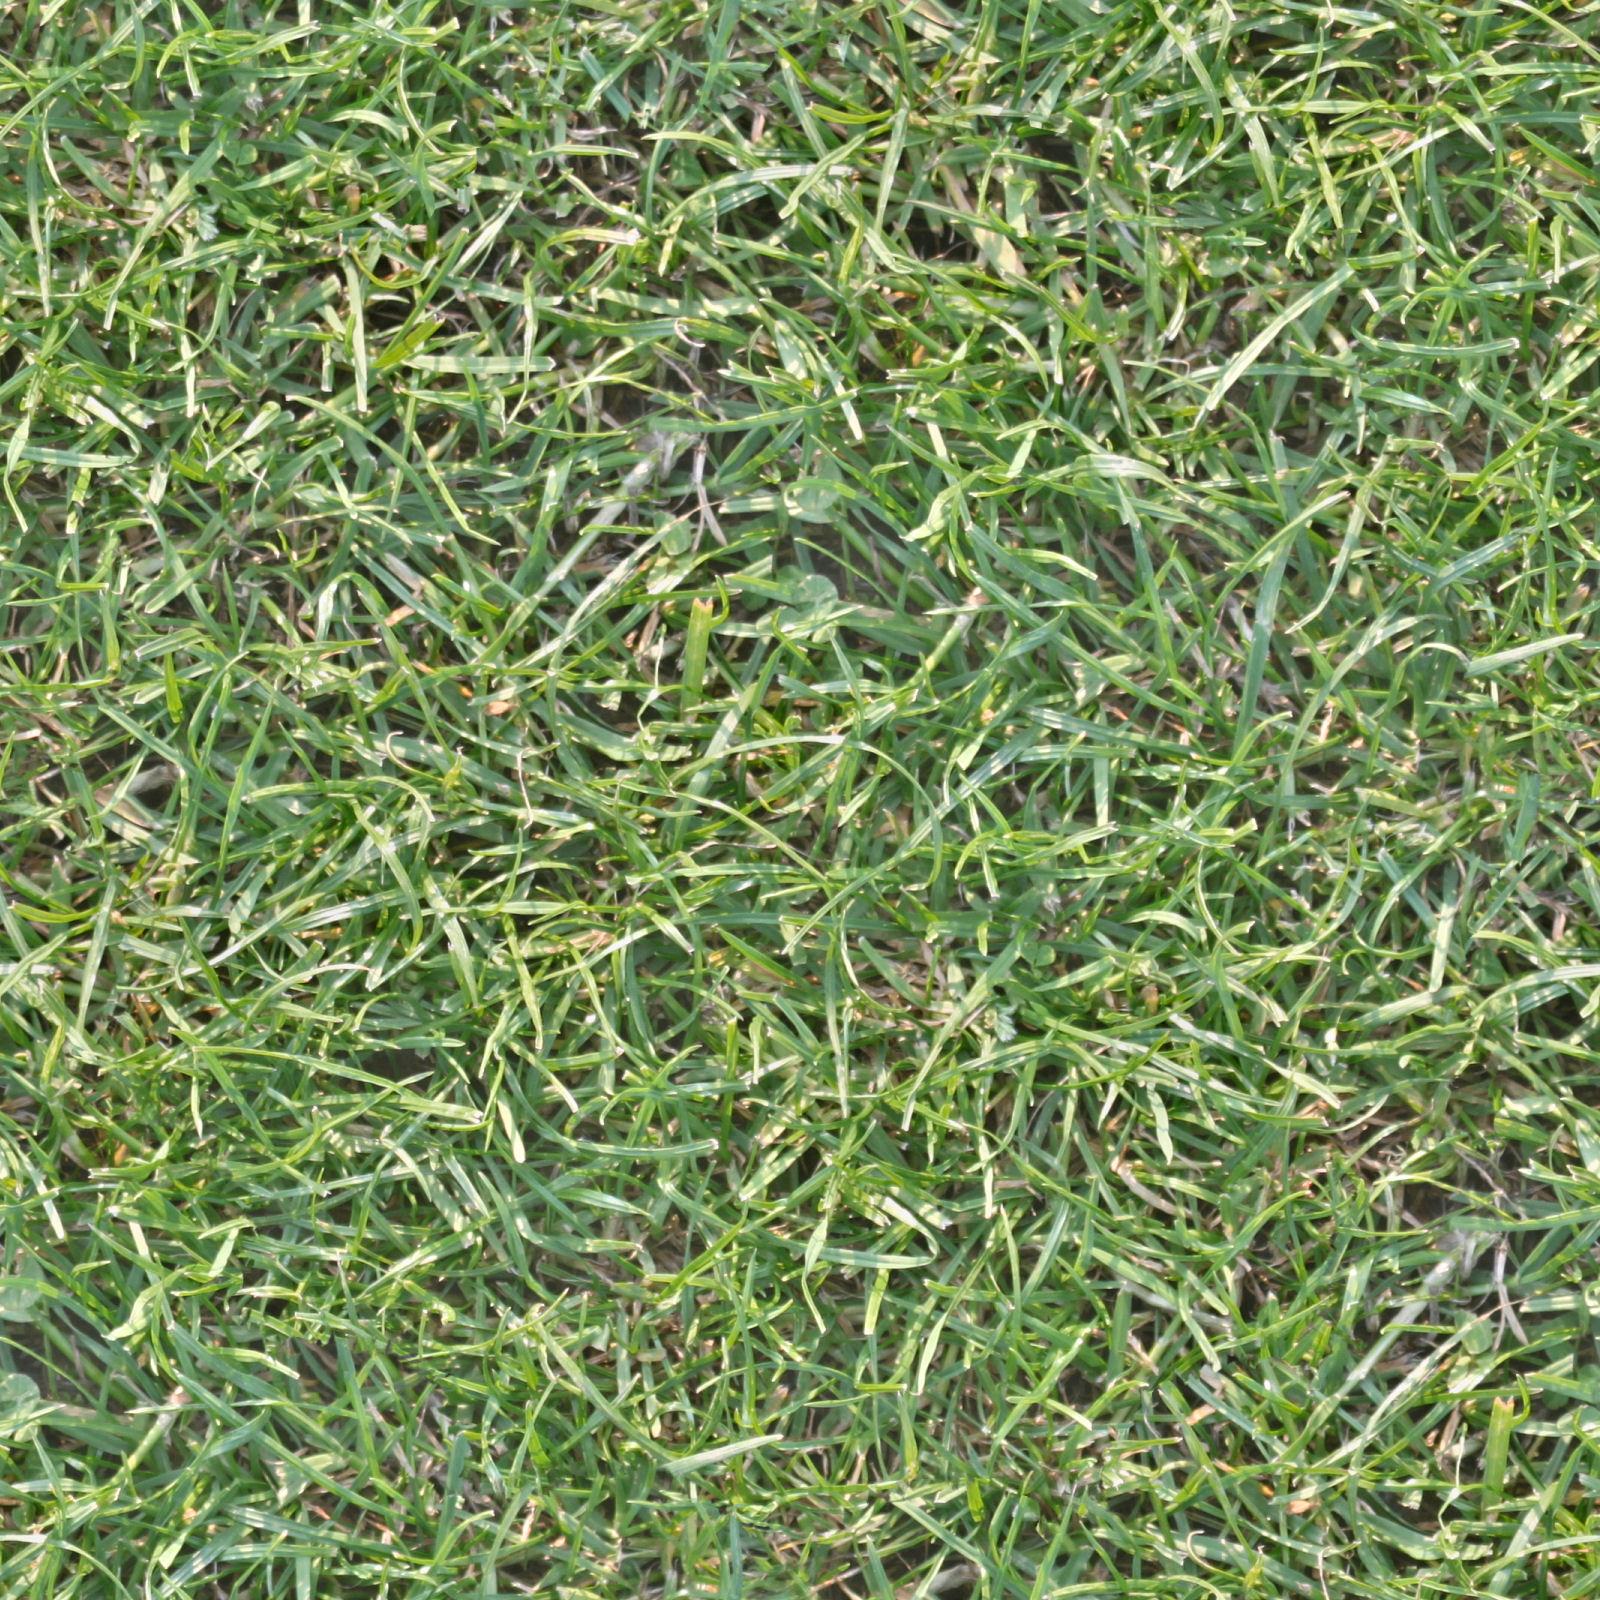 High Resolution Seamless Textures Seamless high res grass texture